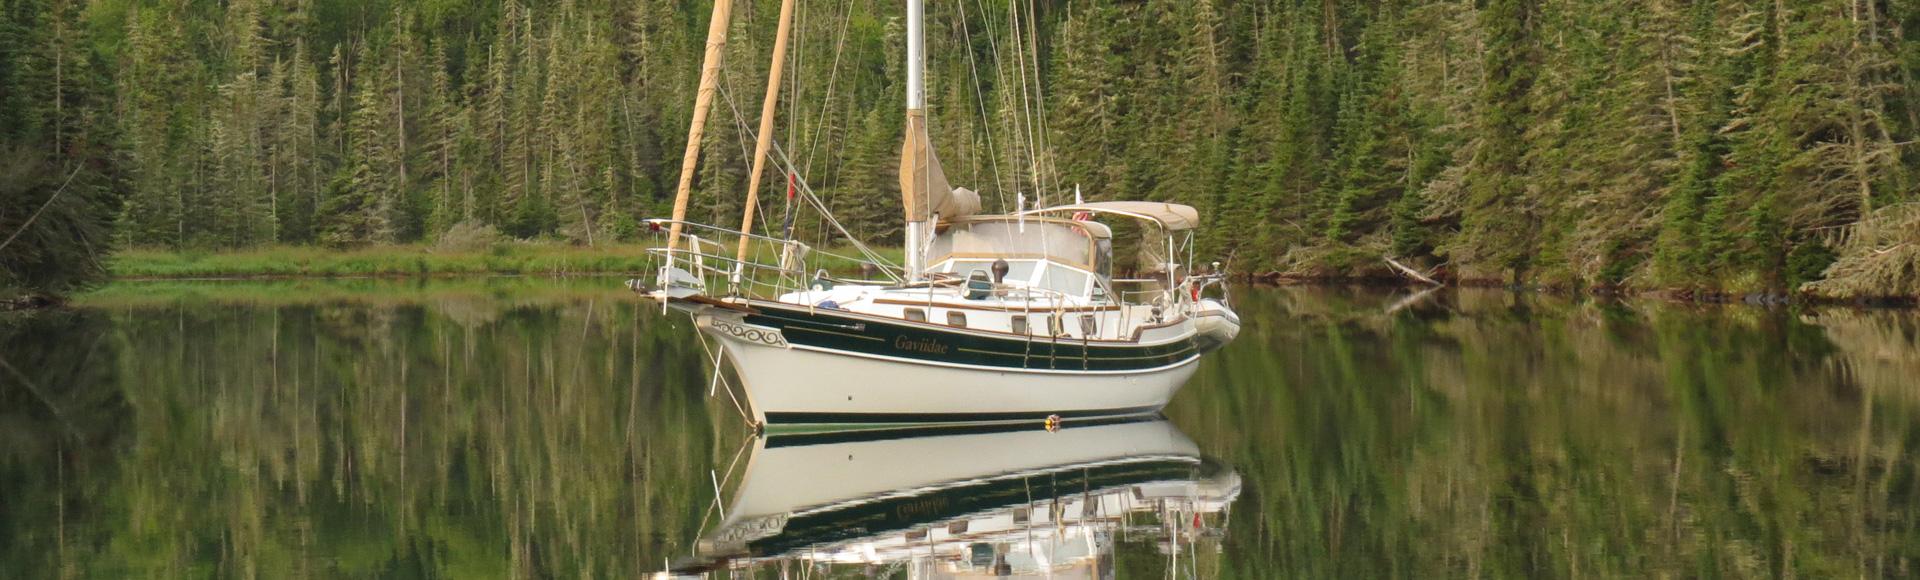 Aug-28-McGreevy-Harbour-Slates-1920×580